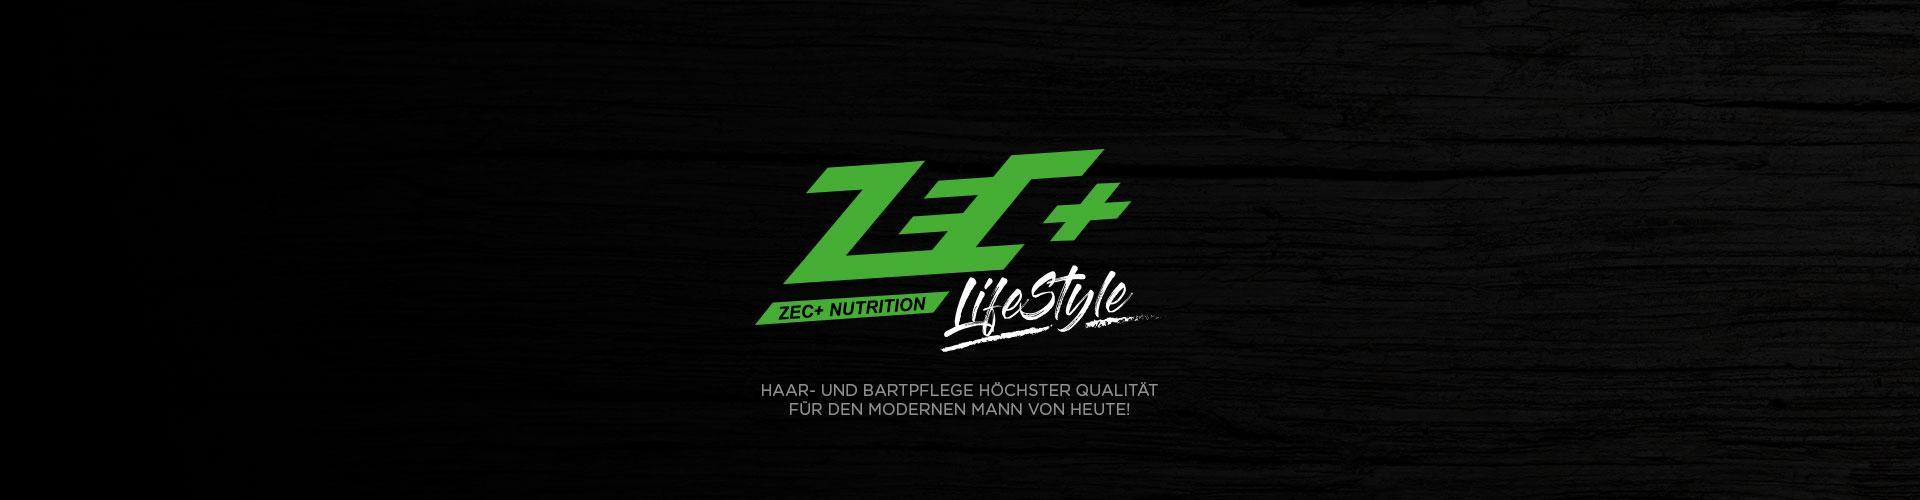 Zecplus De